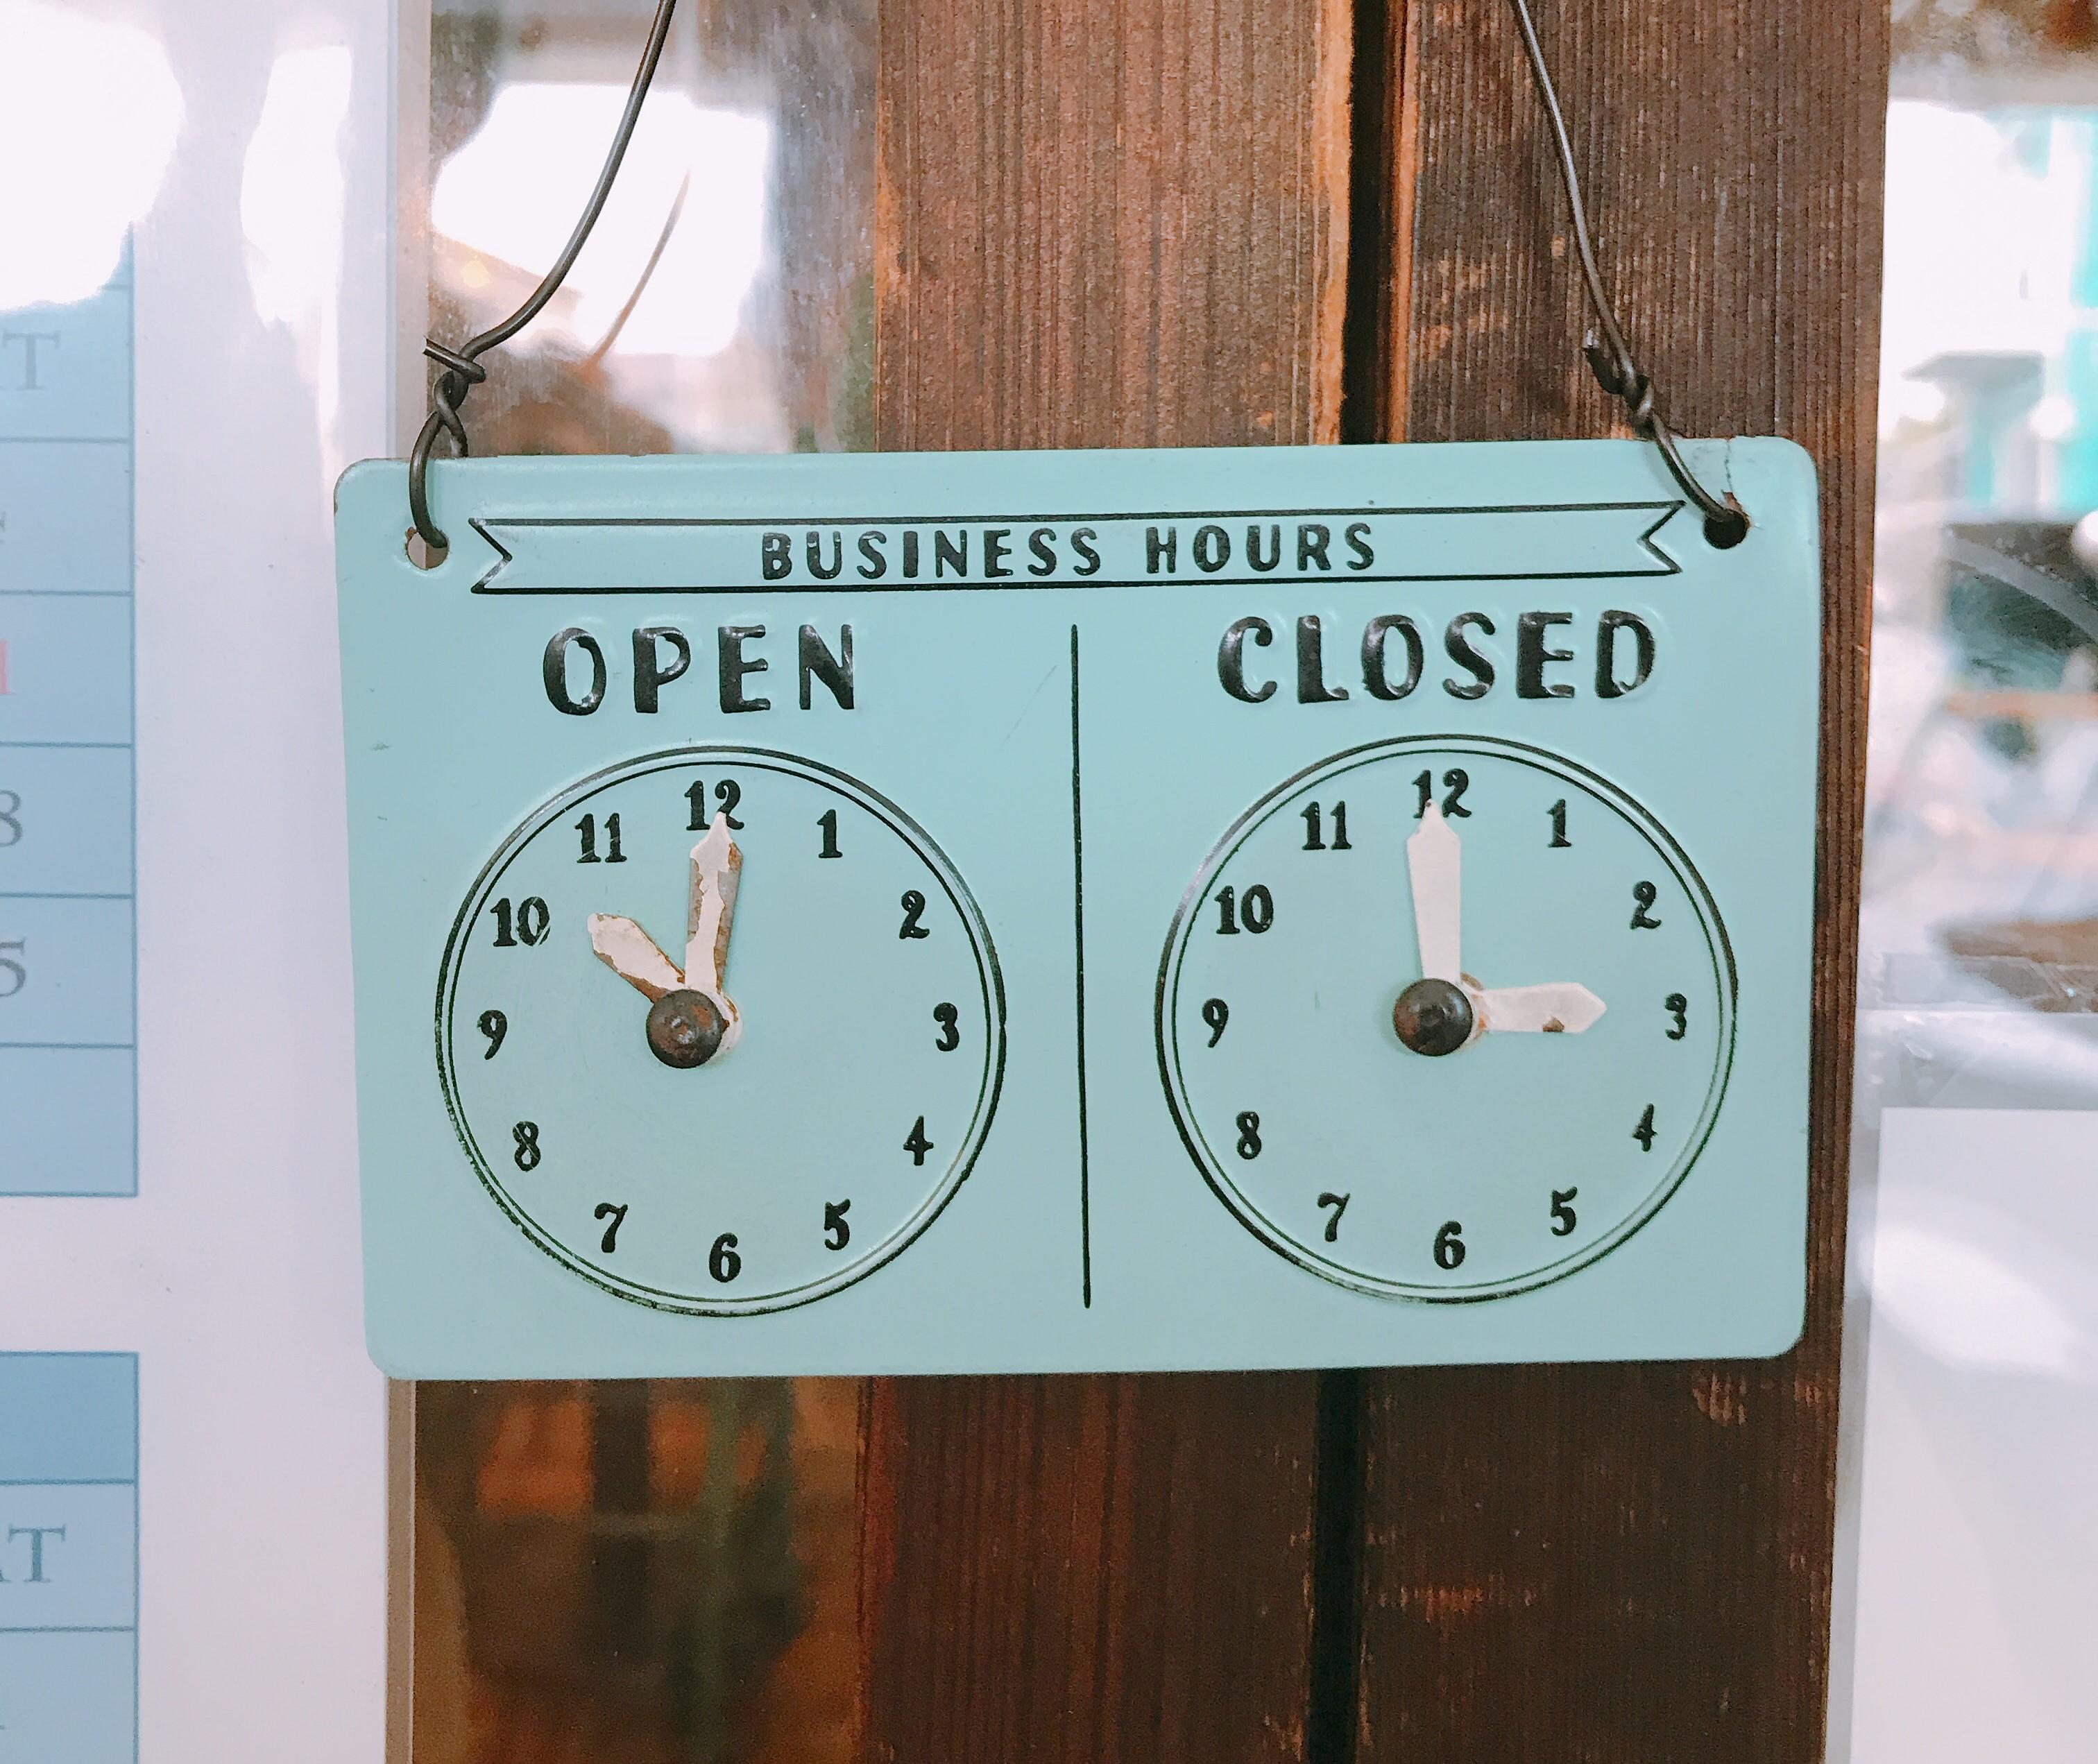 開店時間と閉店時間が示されたレトロ可愛いプレート